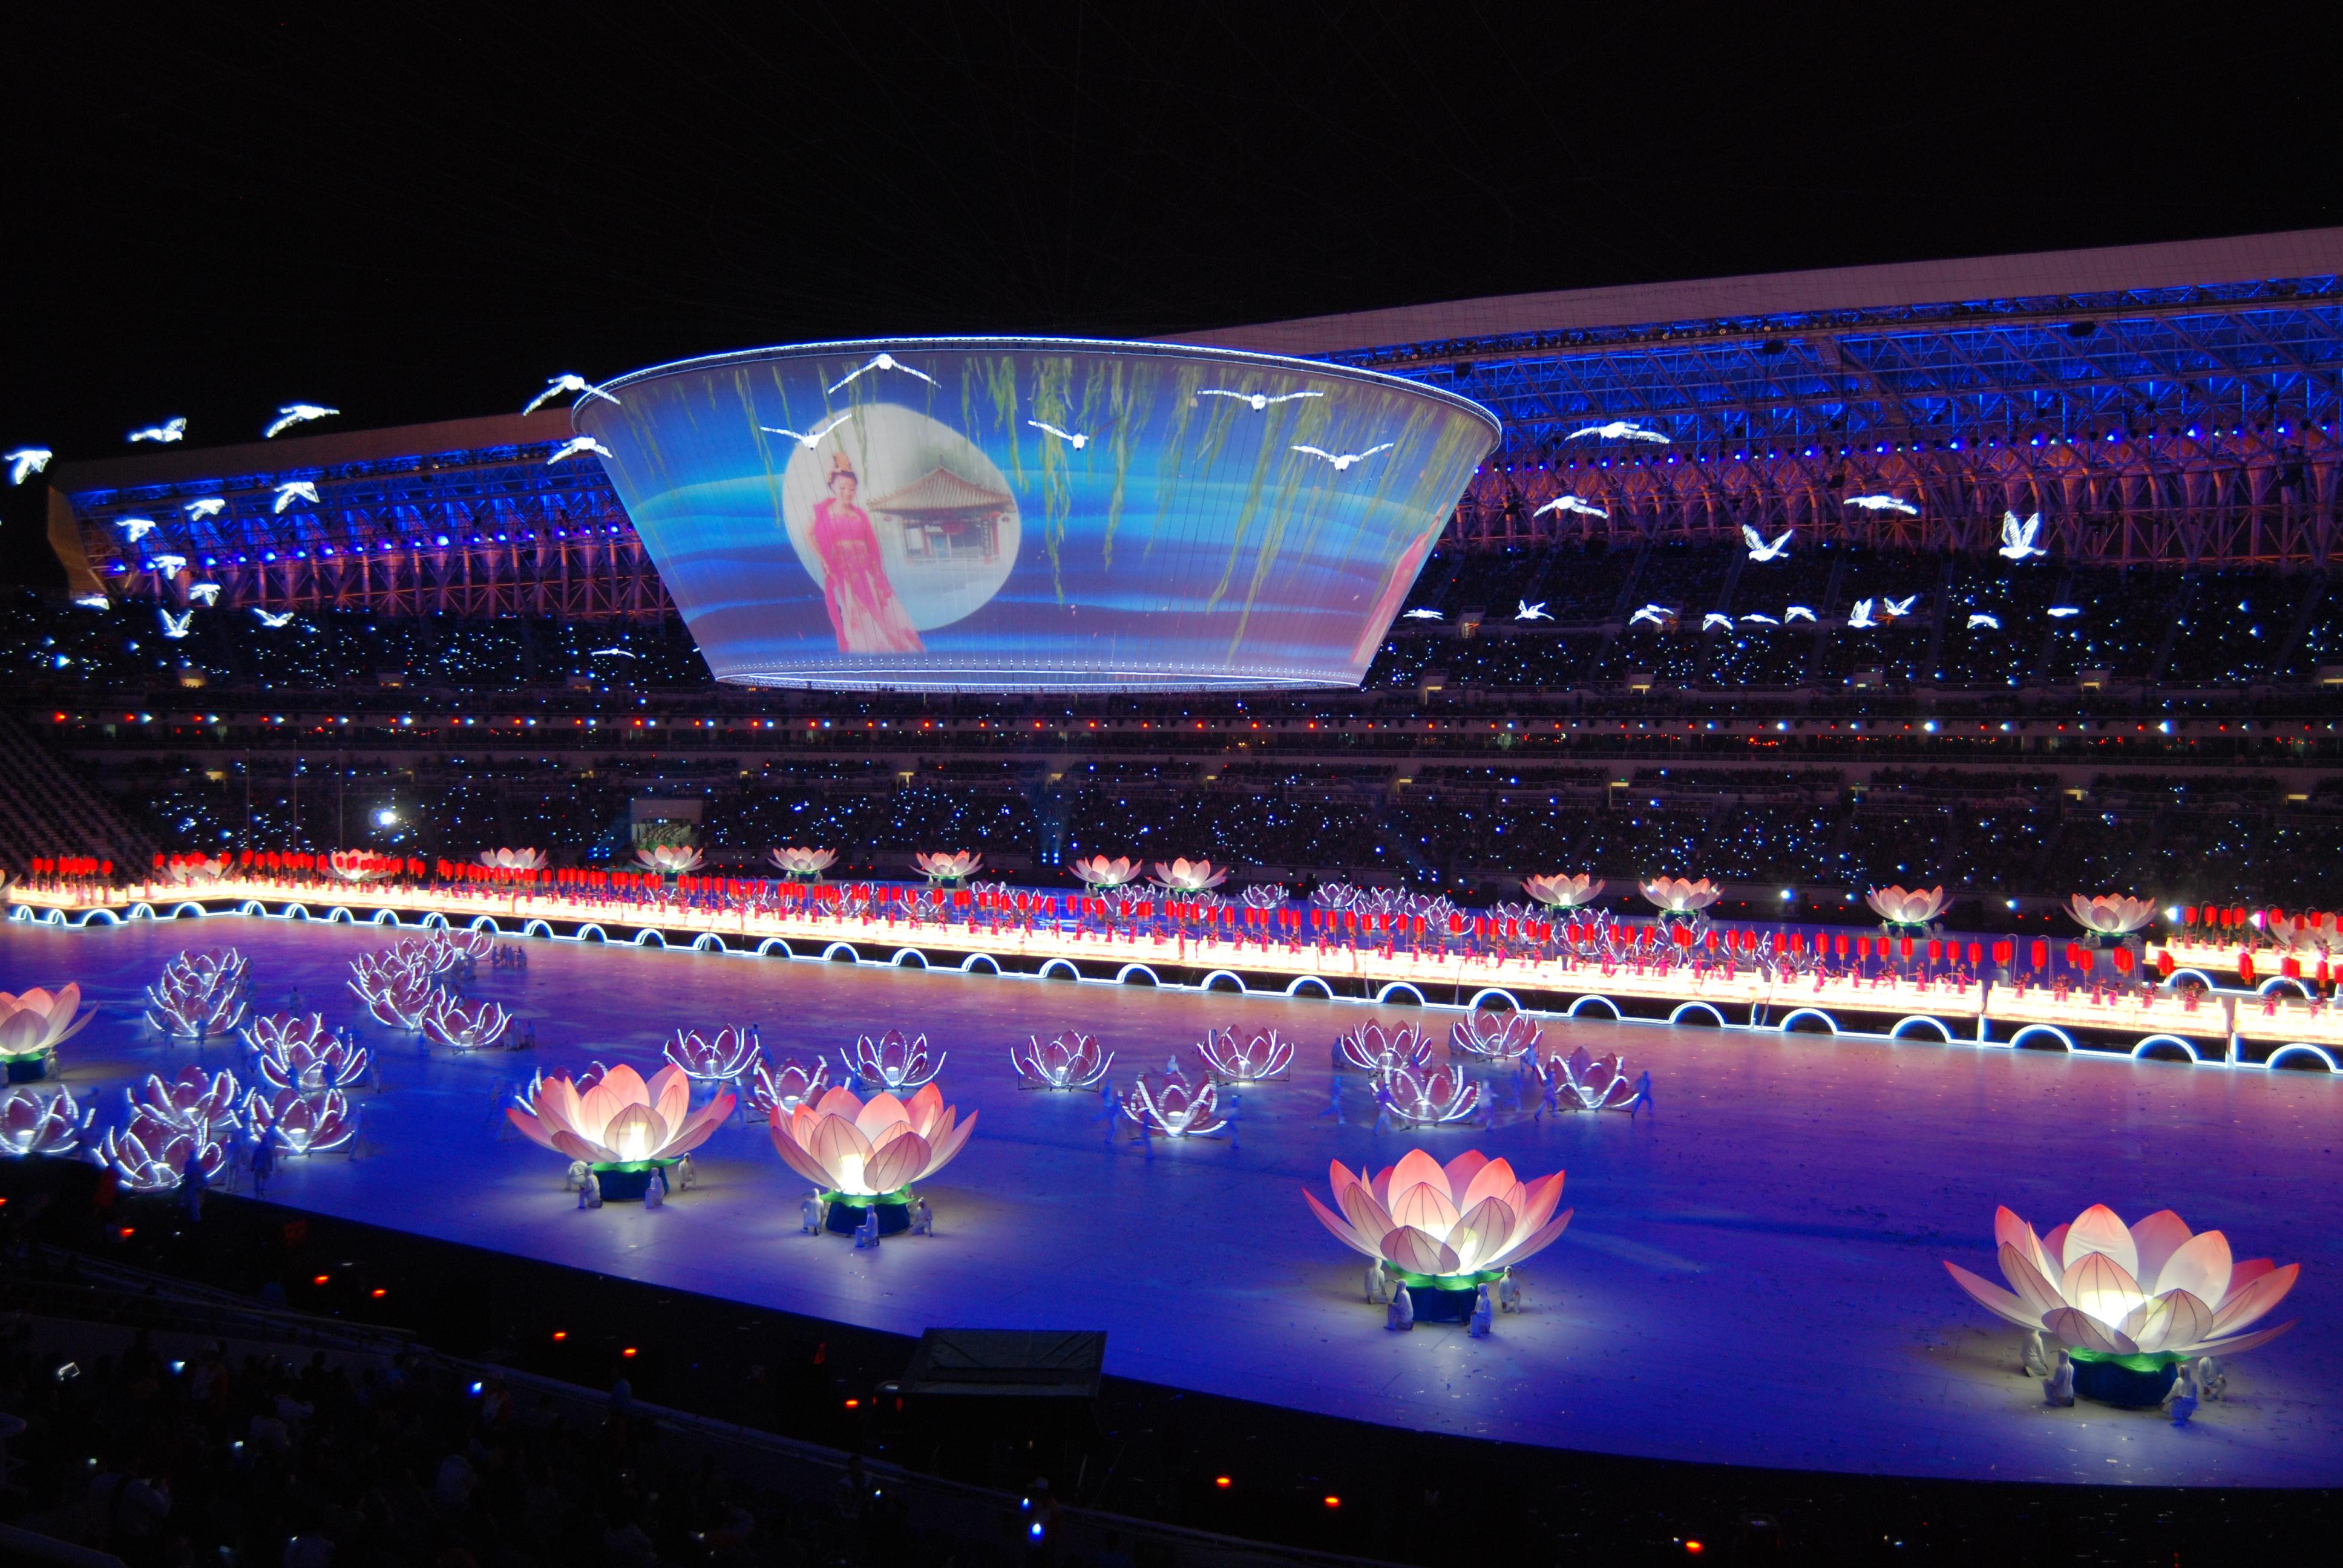 11th_National Games_Jinan_China